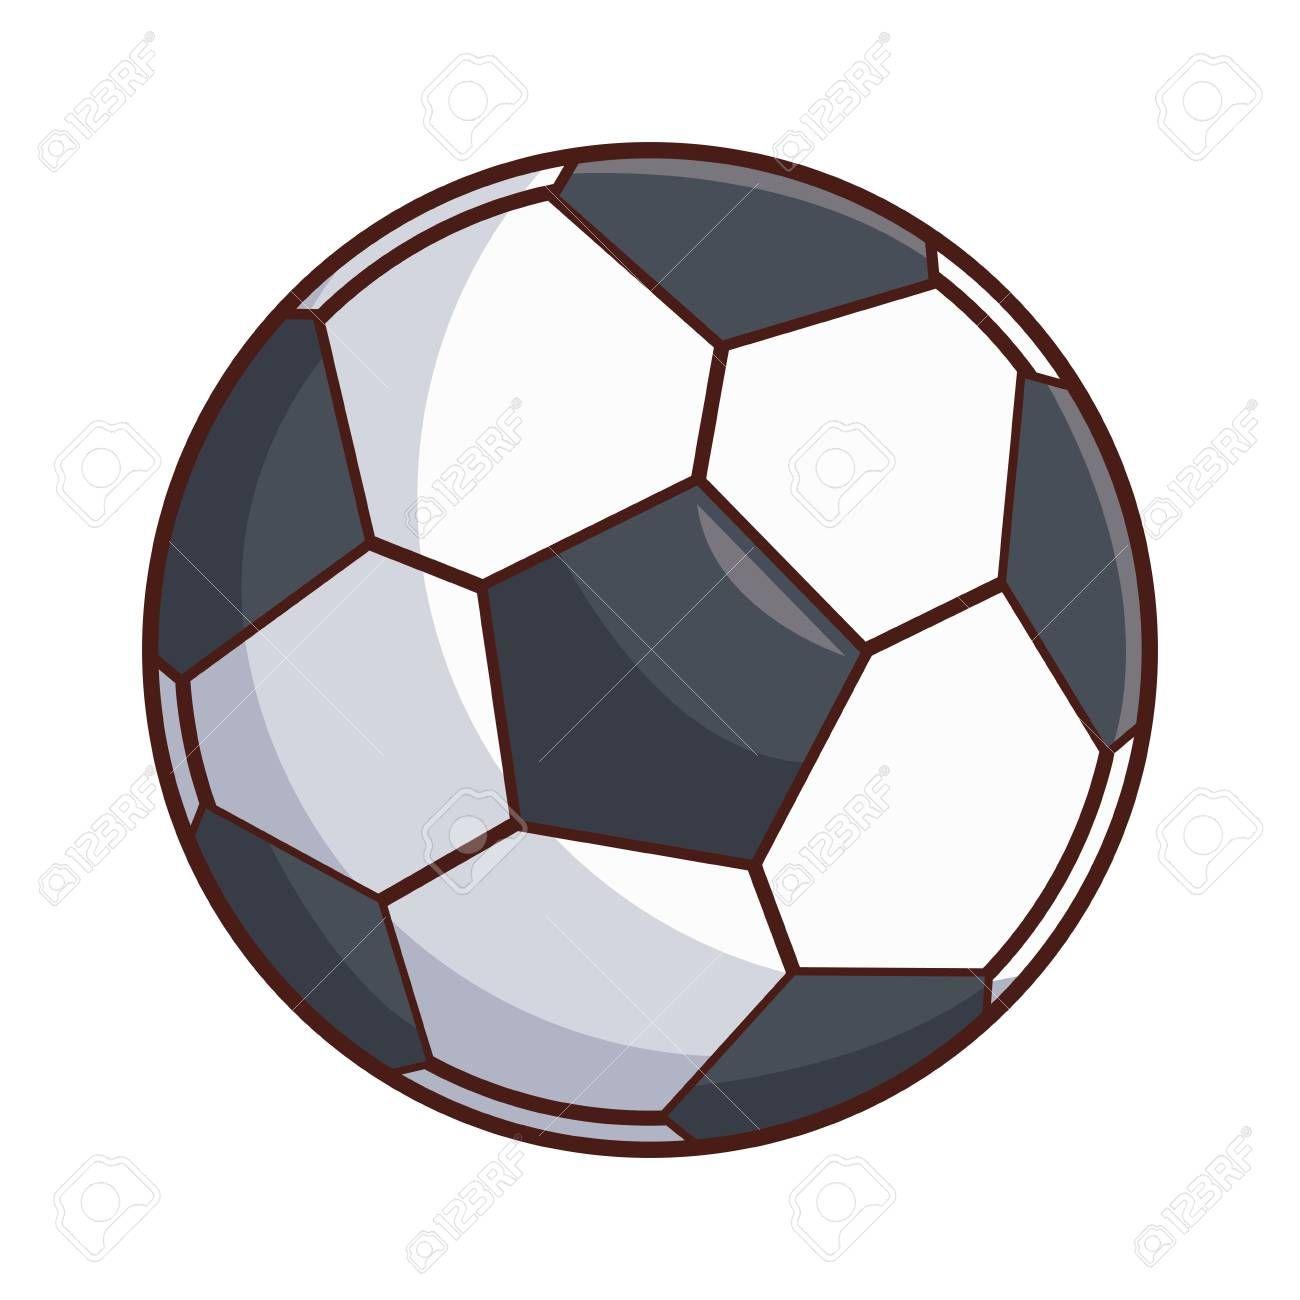 Soccer Ball Cartoon Vector Illustration Graphic Design Illustration Aff Cartoon Vector Socc With Images Graphic Design Illustration Illustration Design Art Design